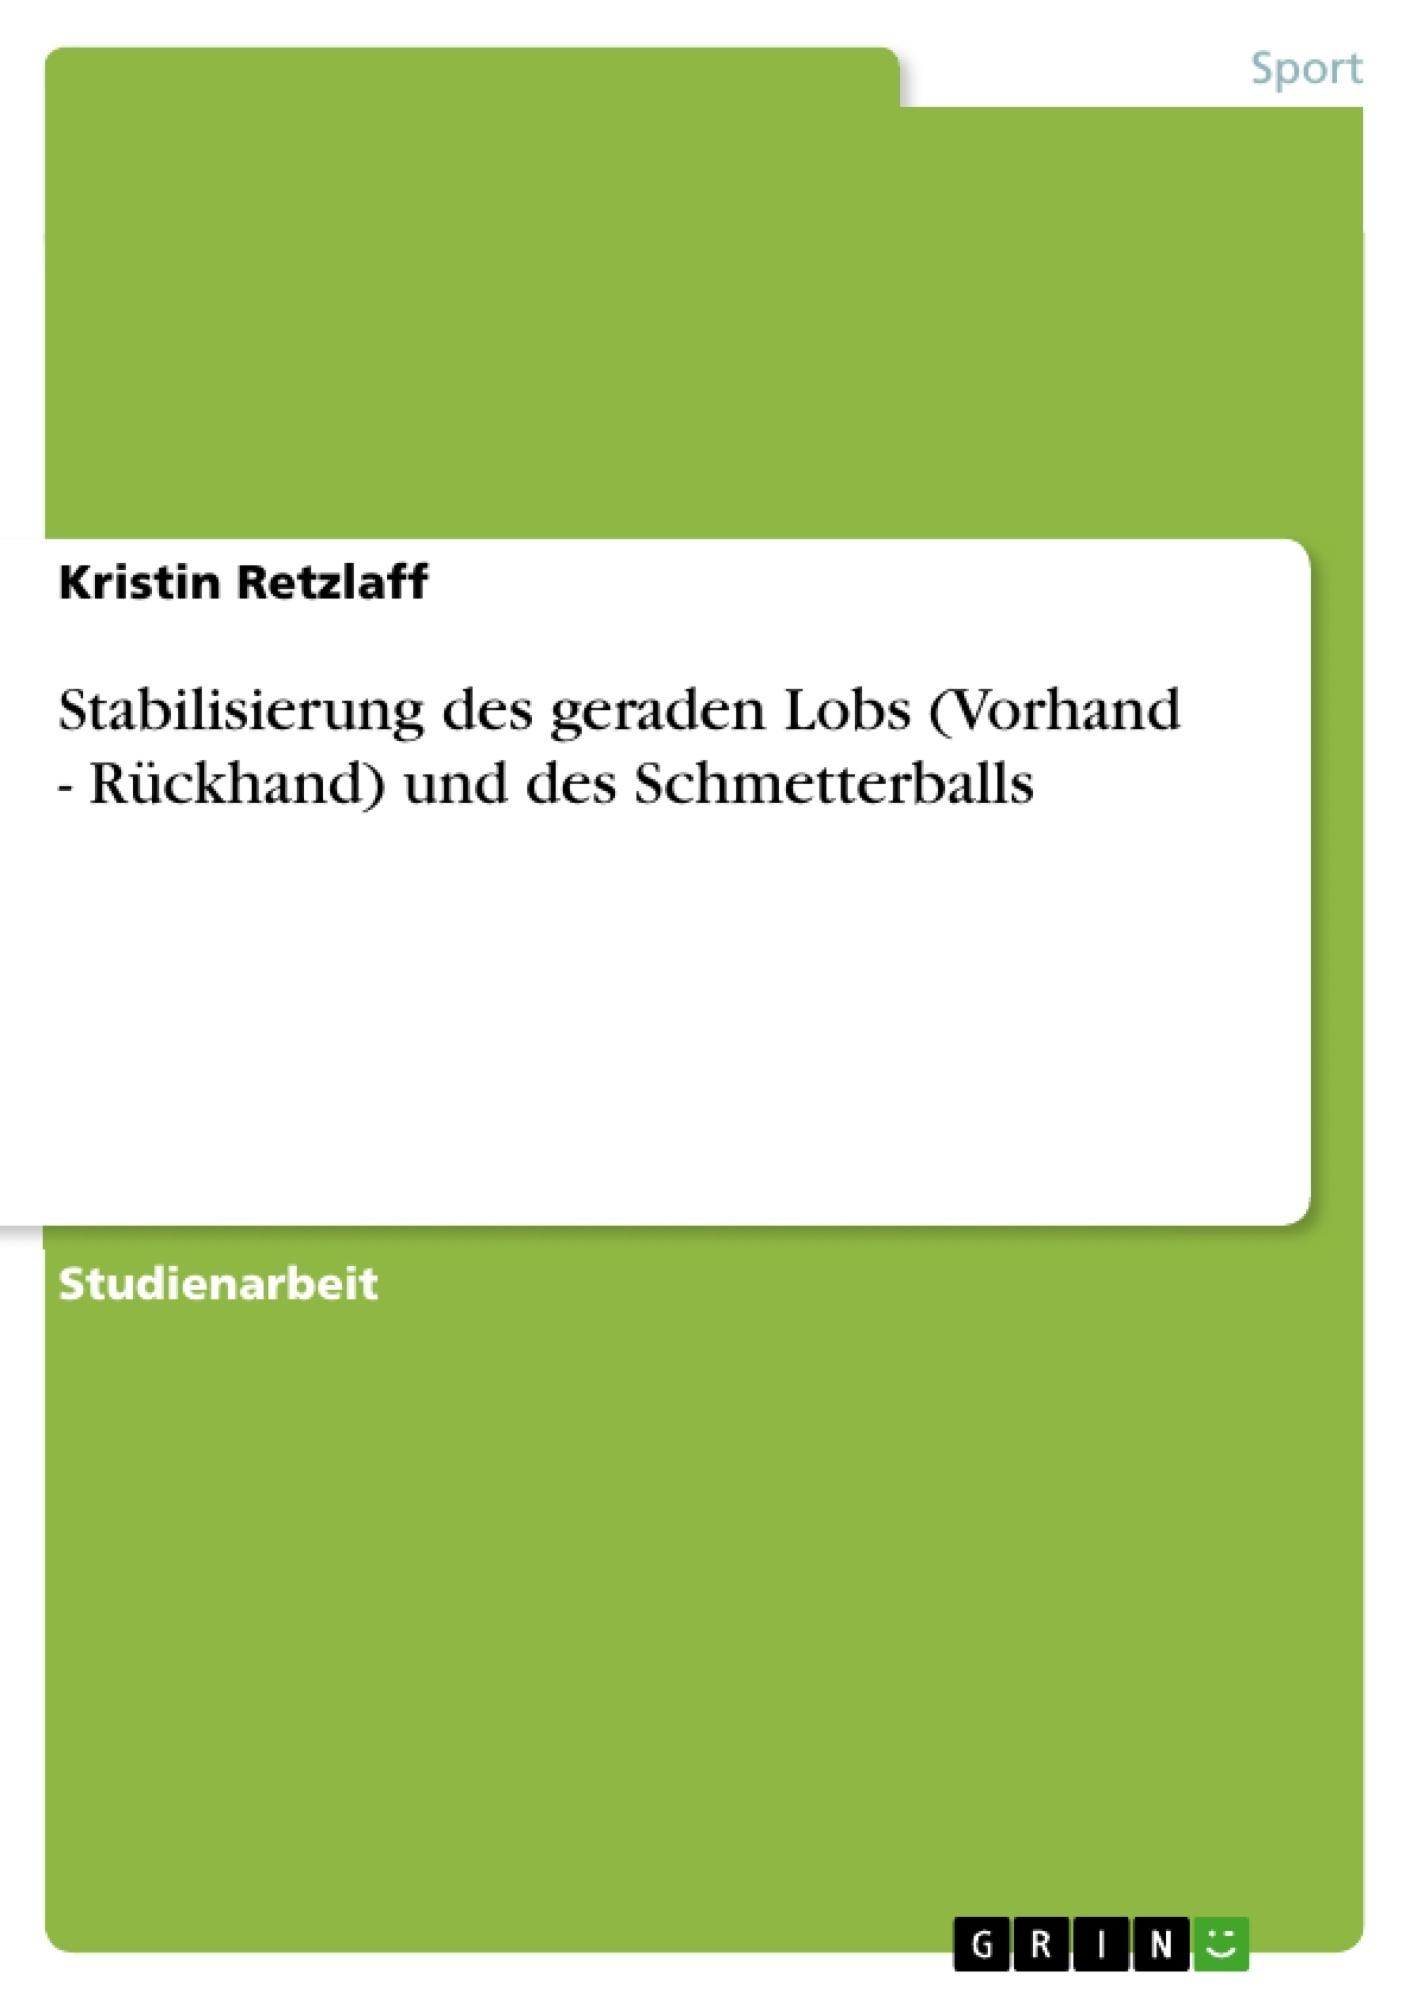 Titel: Stabilisierung des geraden Lobs (Vorhand - Rückhand) und des Schmetterballs